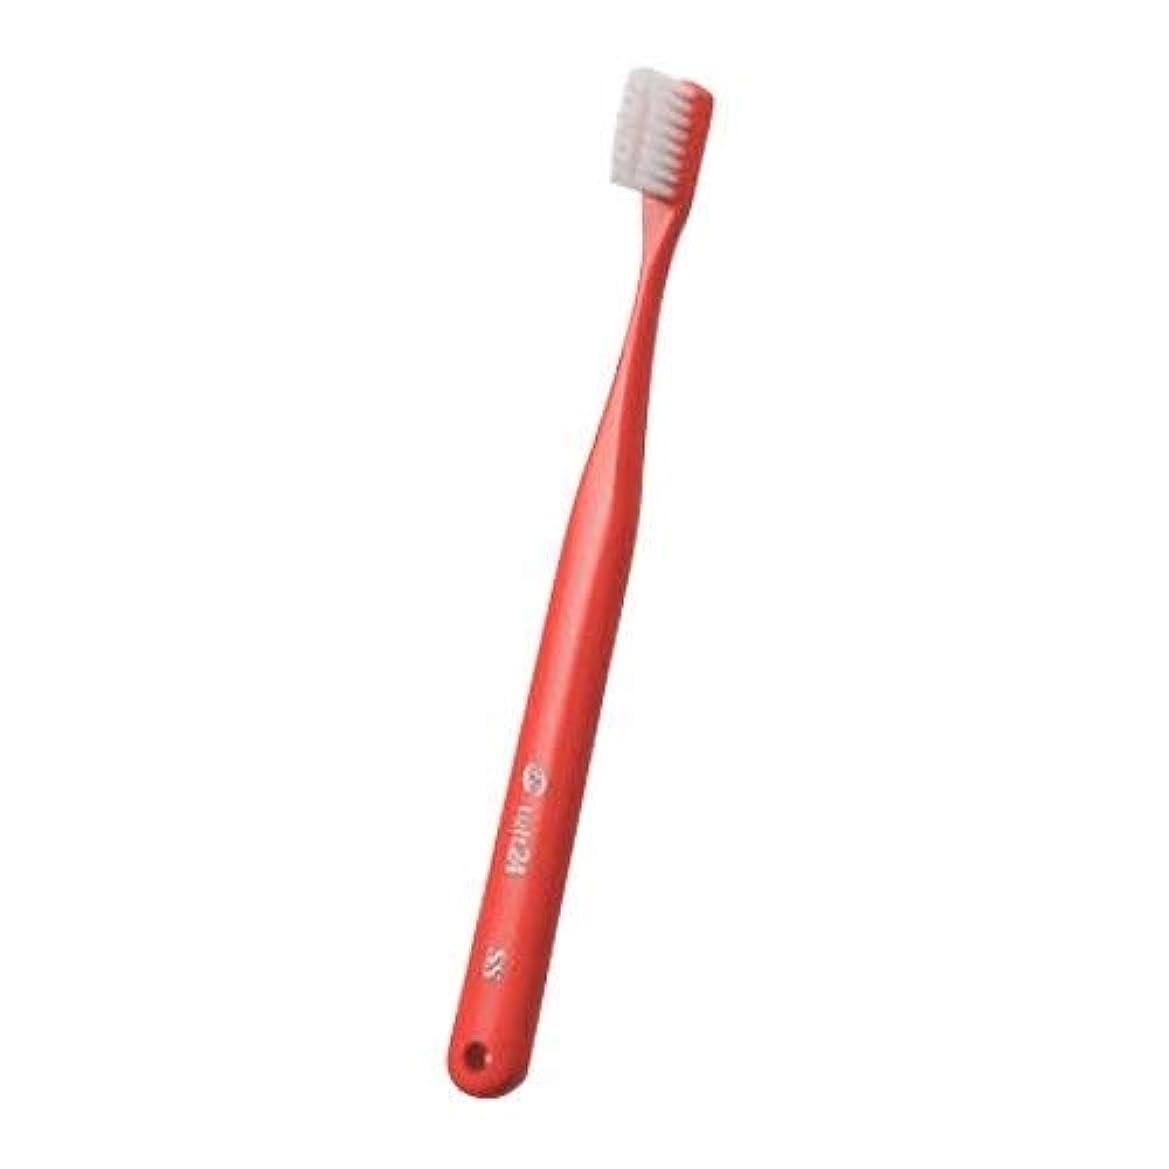 マスク抜本的な程度オーラルケア キャップ付き タフト 24 歯ブラシ スーパーソフト 1本 (レッド)